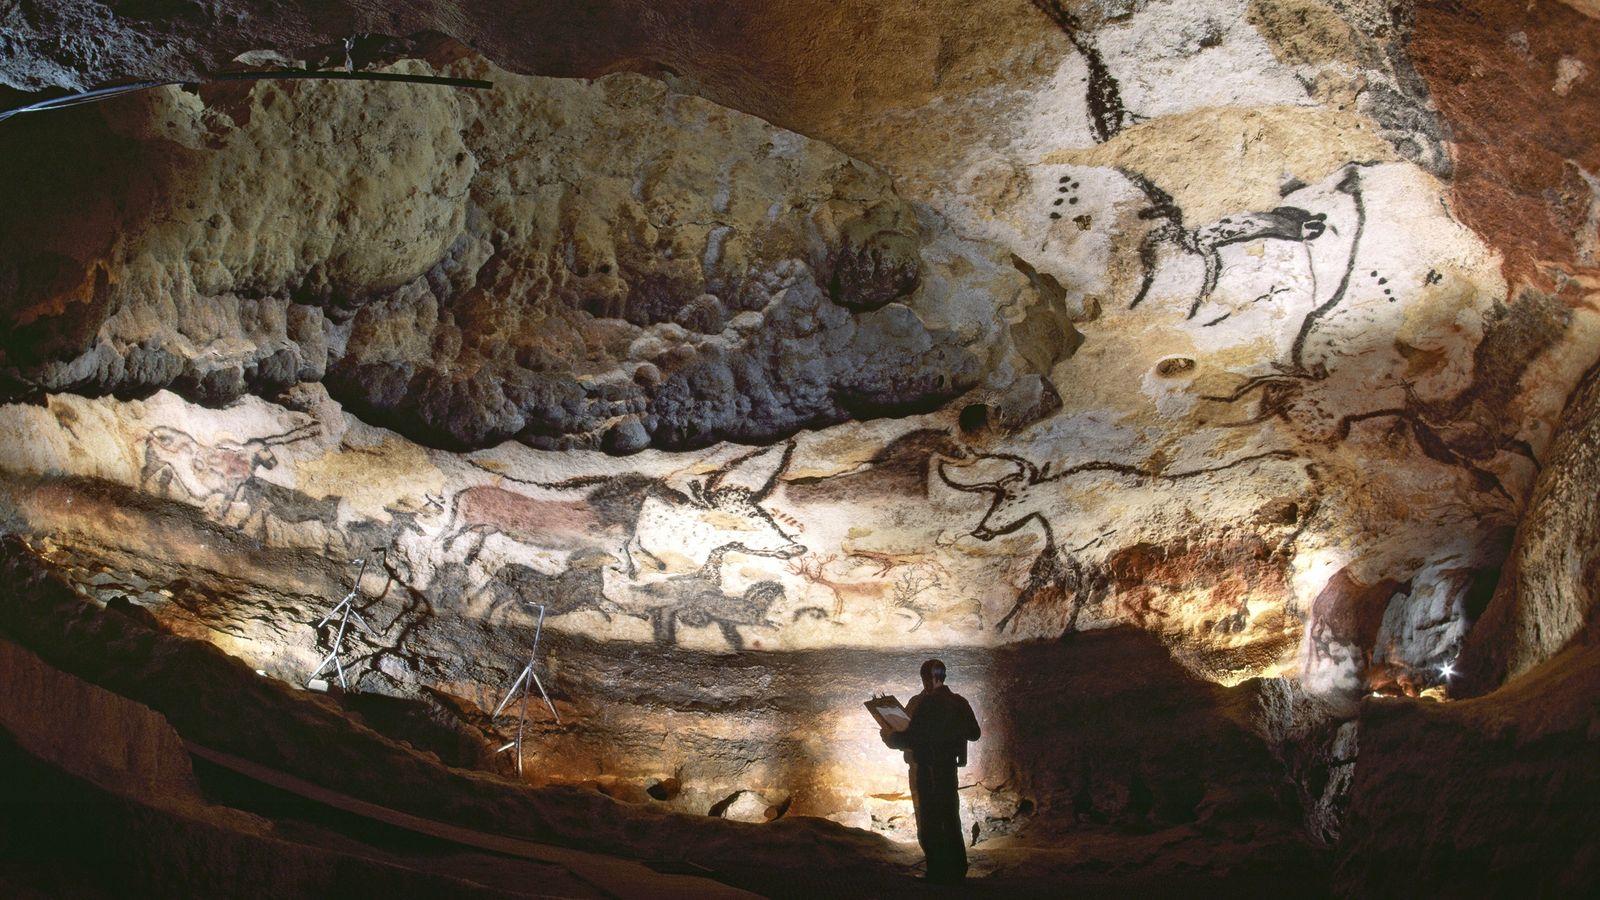 Paläolithische Kunst ziert die Wände der Höhle von Lascaux im Südwesten Frankreichs.